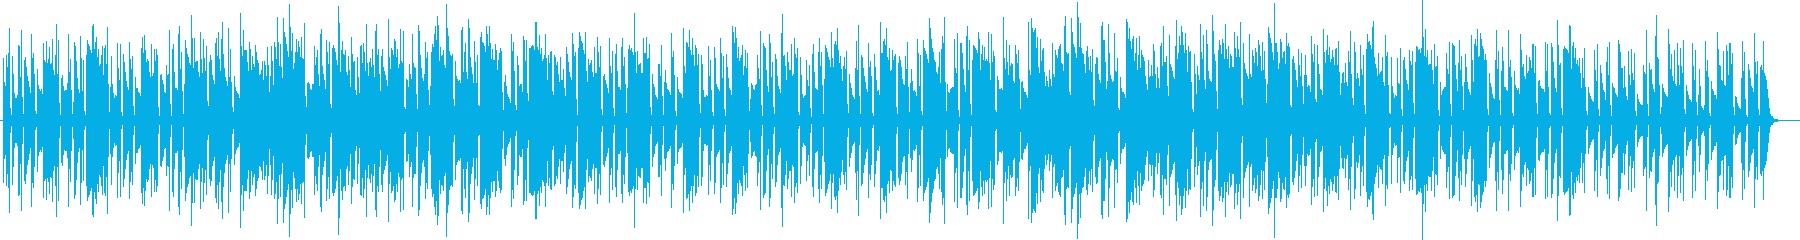 ほのぼの雰囲気のアコースティックデュオの再生済みの波形